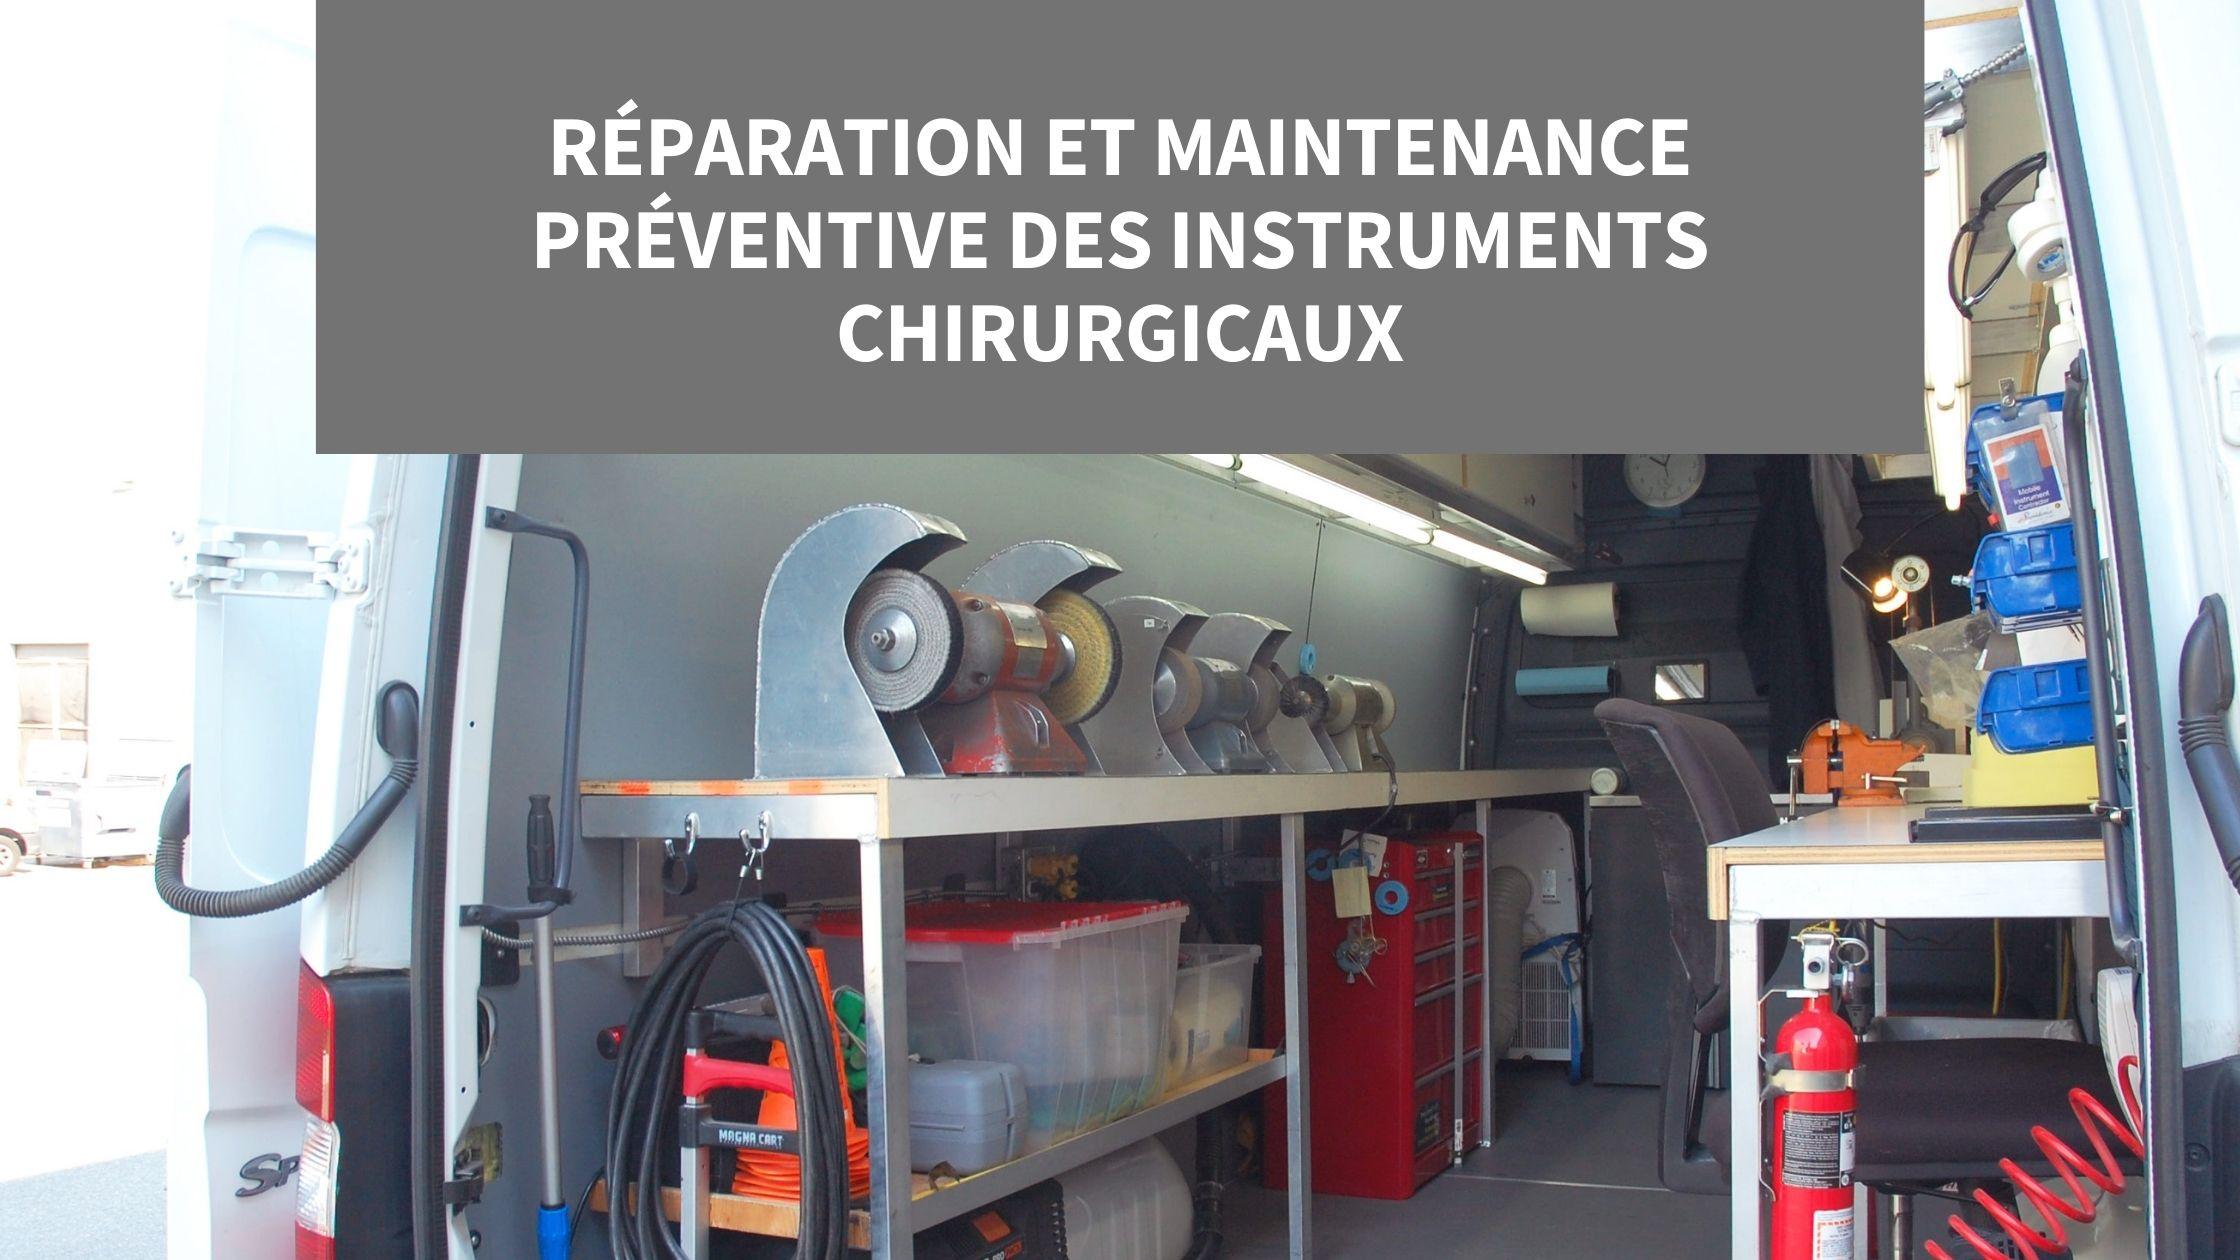 Réparation et maintenance préventive des instruments chirurgicaux